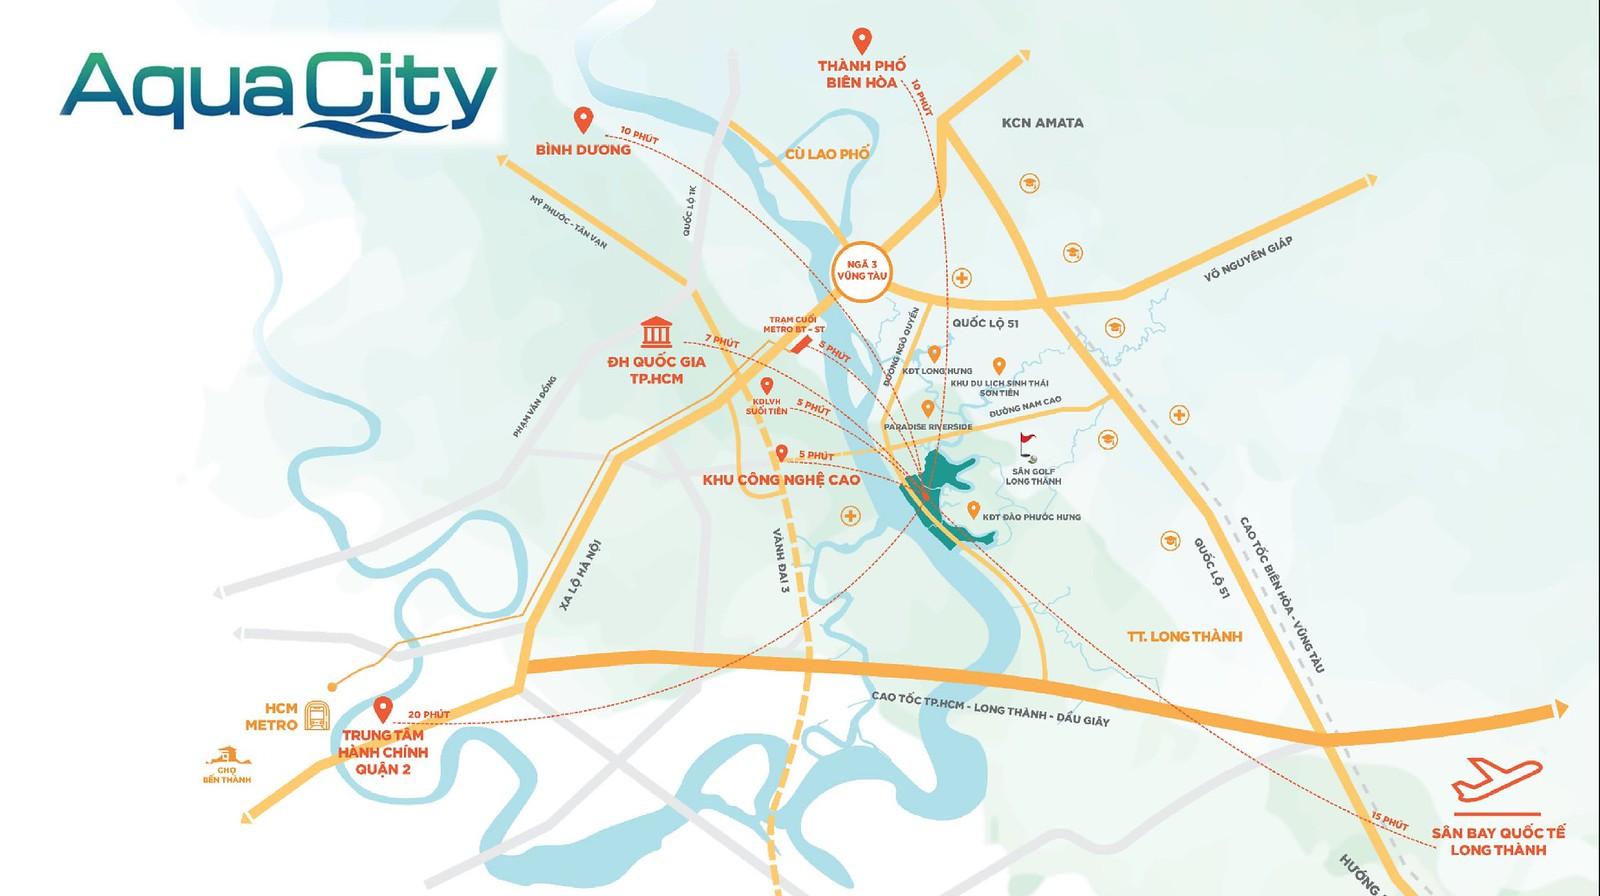 Aqua City – Vị trí không thể đắc địa hơn của khu vực Đồng Nai.